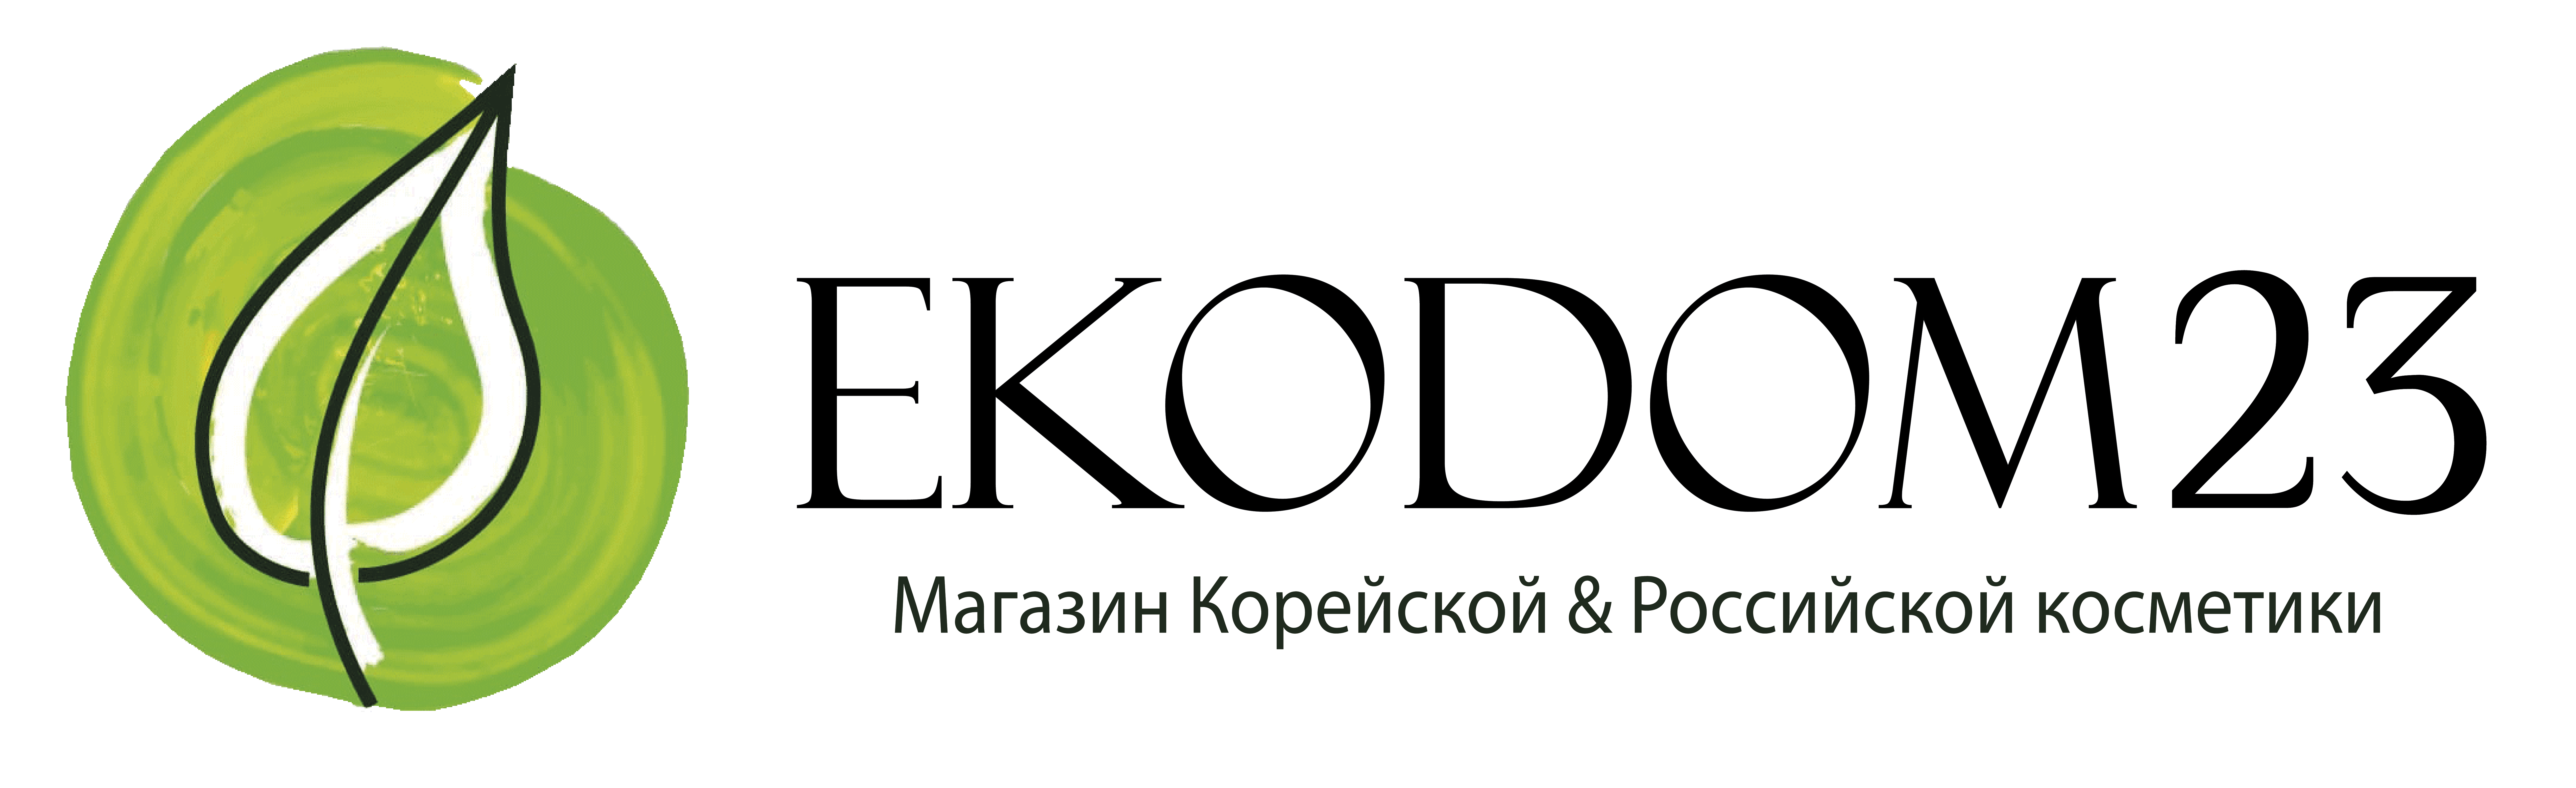 Экодом23 Магазин Корейской & Российской косметики